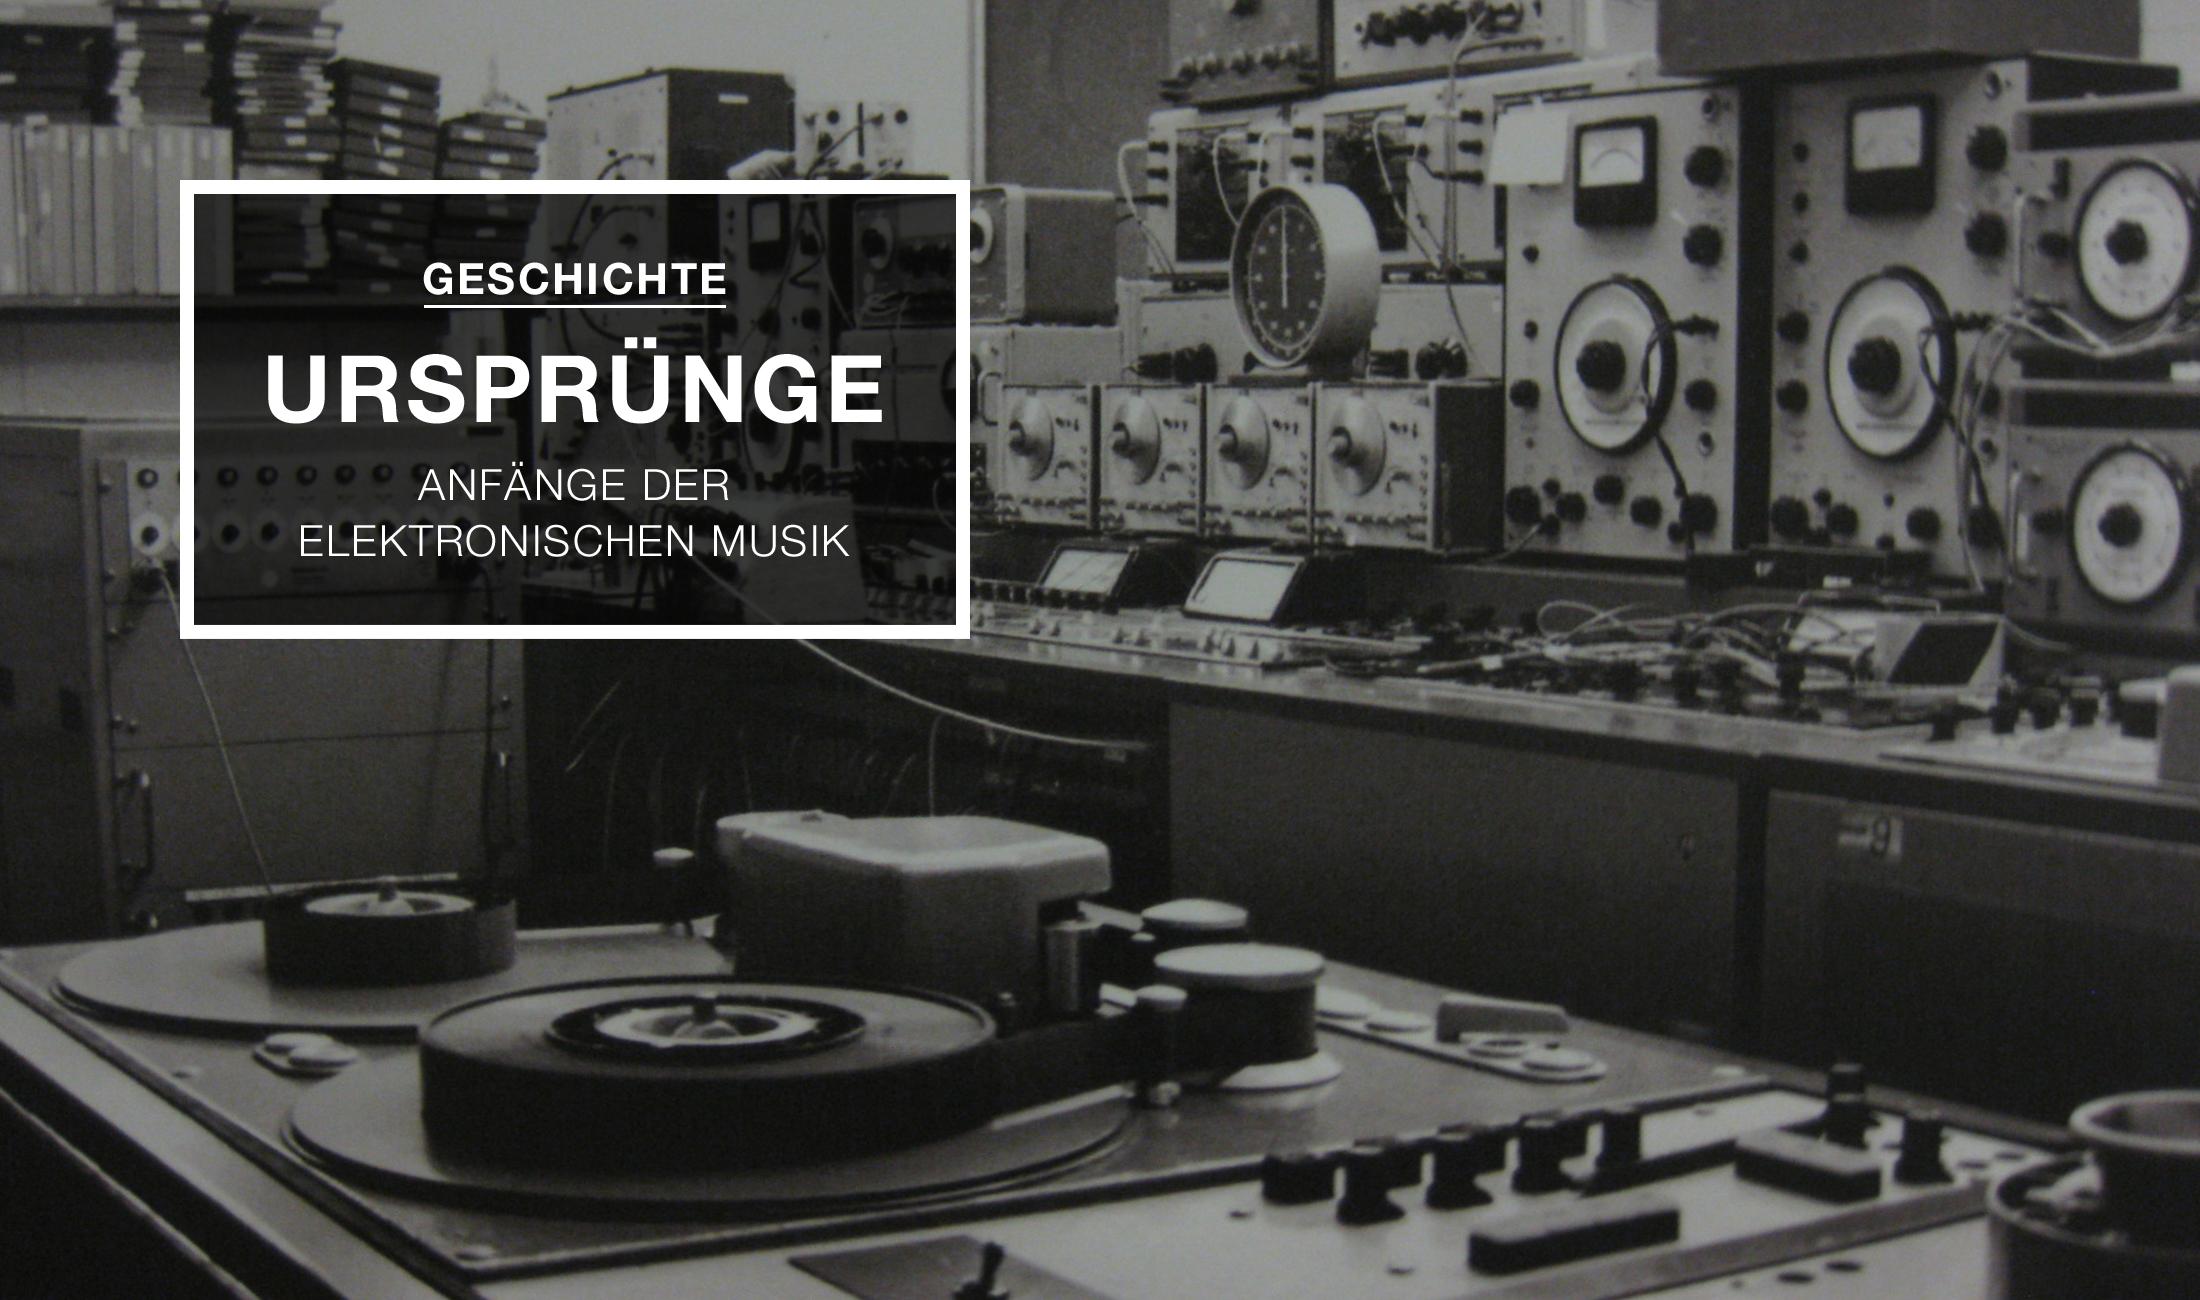 Geschichte: Ursprünge – die elektronische Musik der fünfziger Jahre